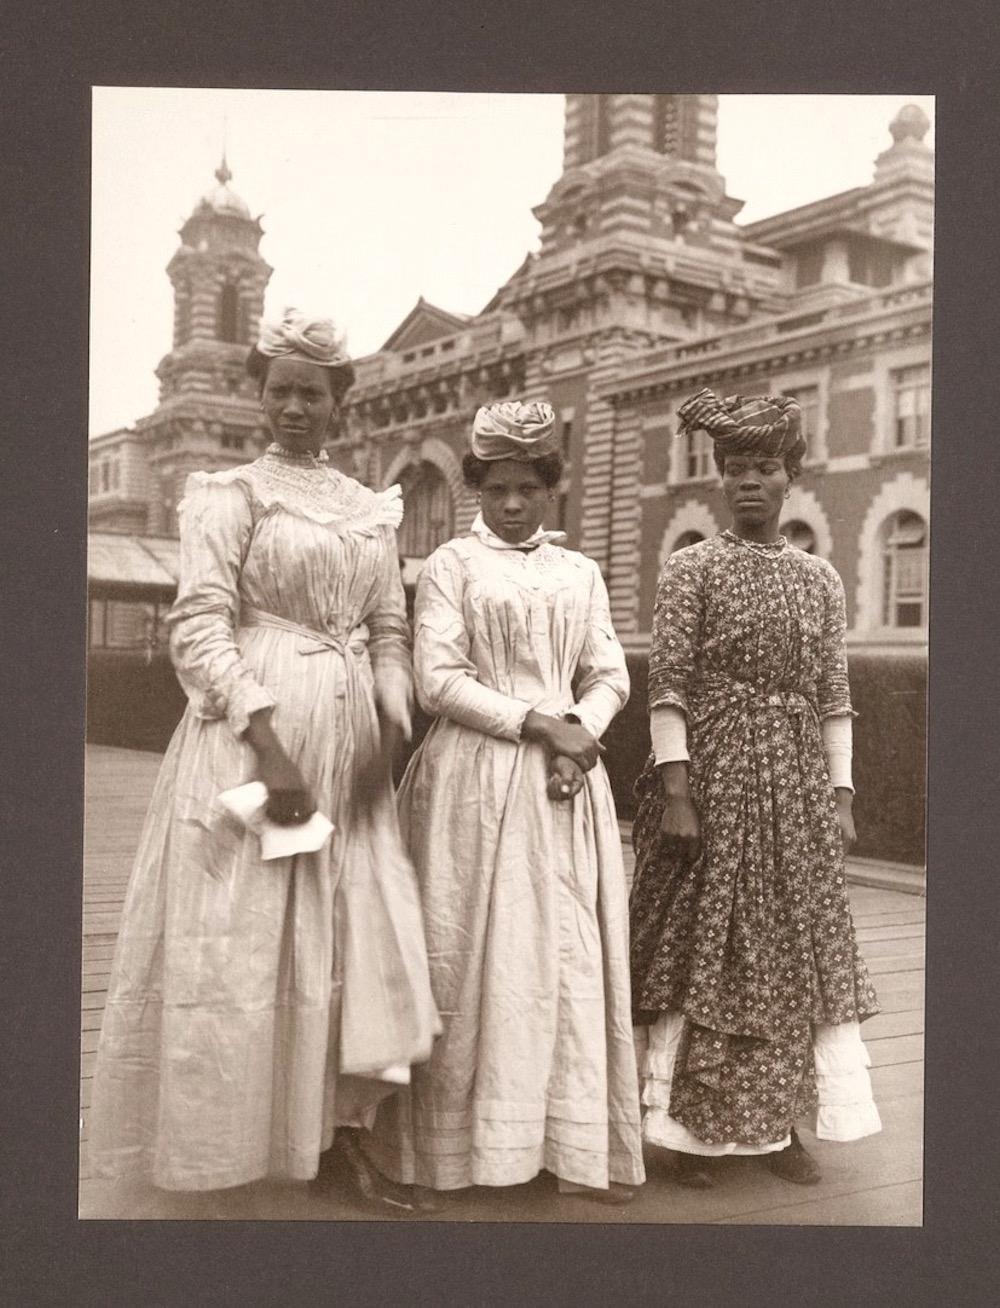 Ellis Island Immigrants12